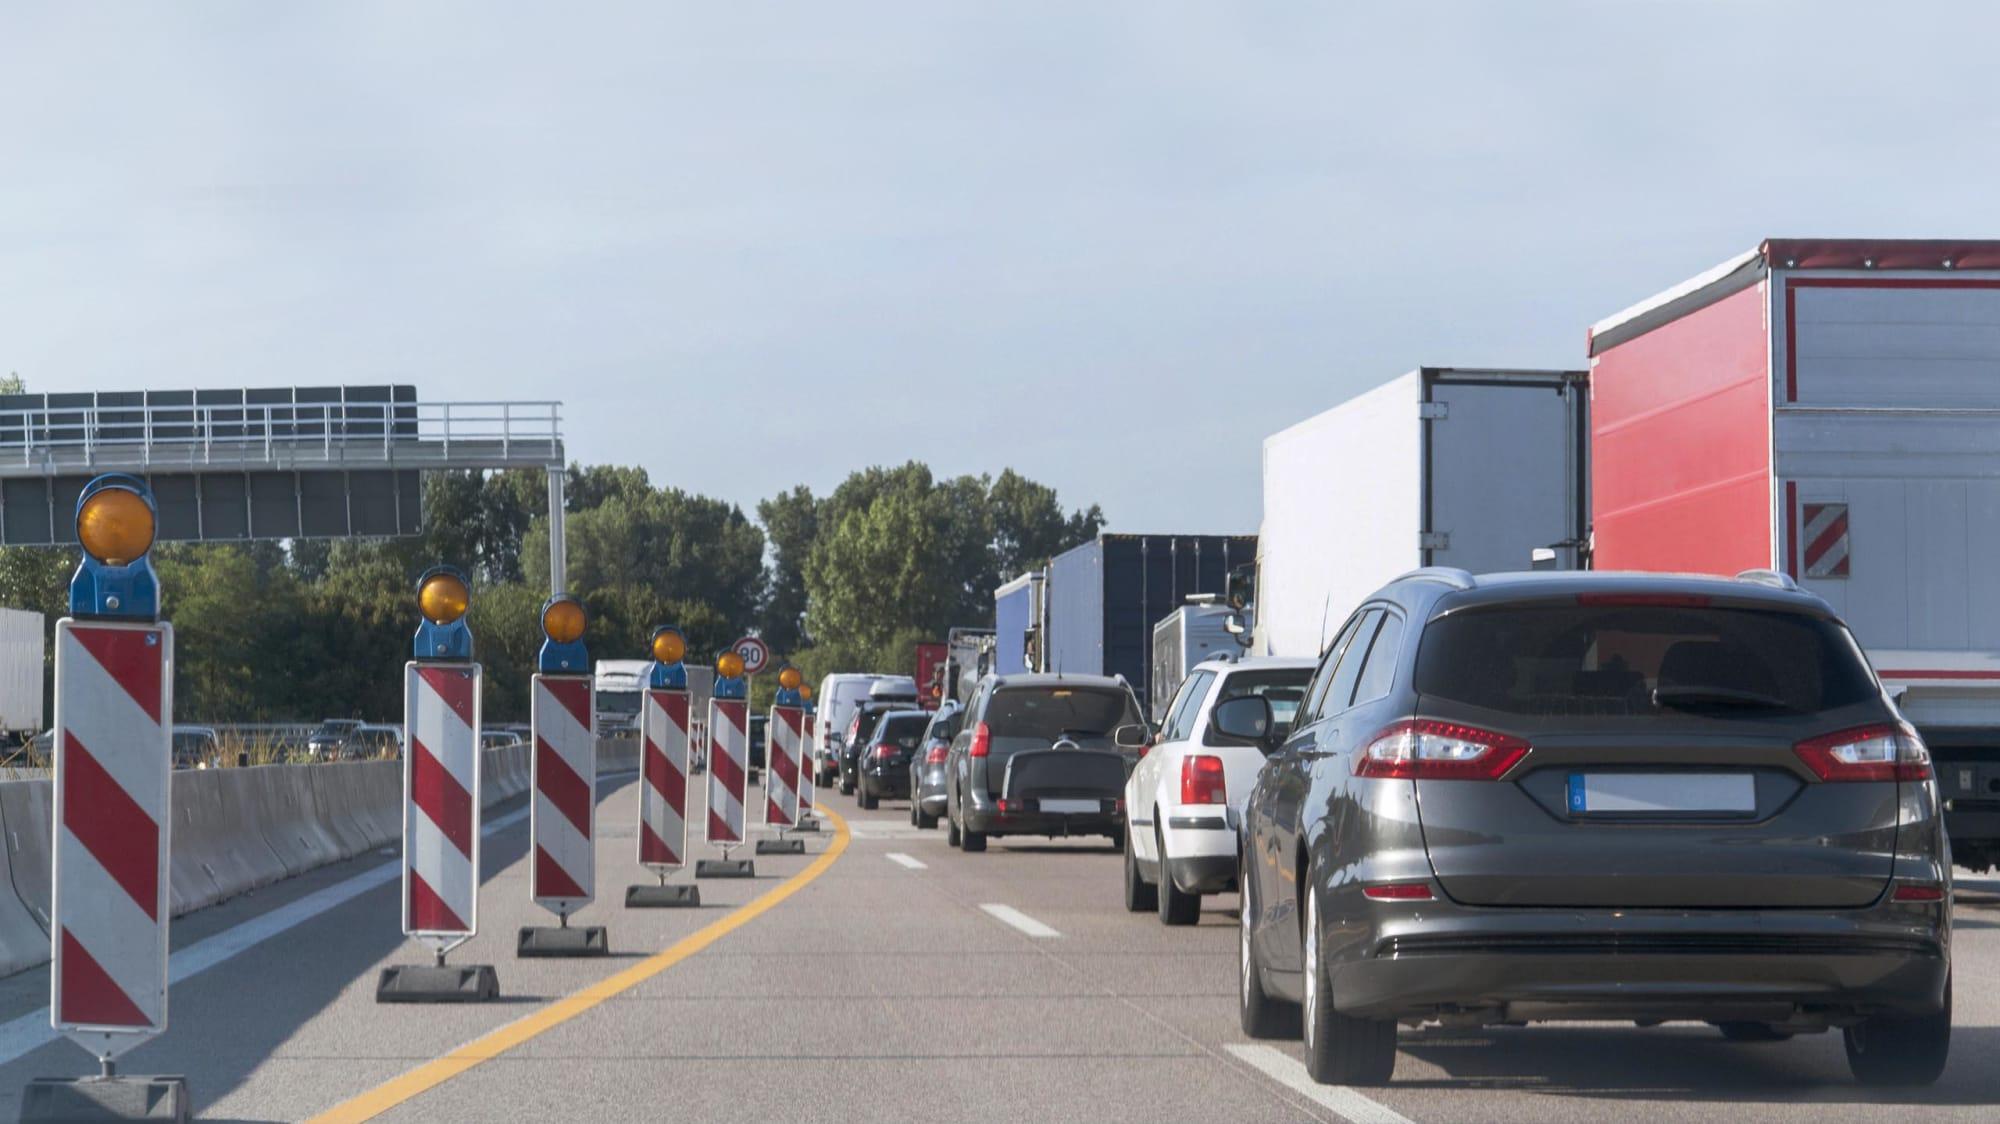 Stau auf der Autobahn mit Baustelle